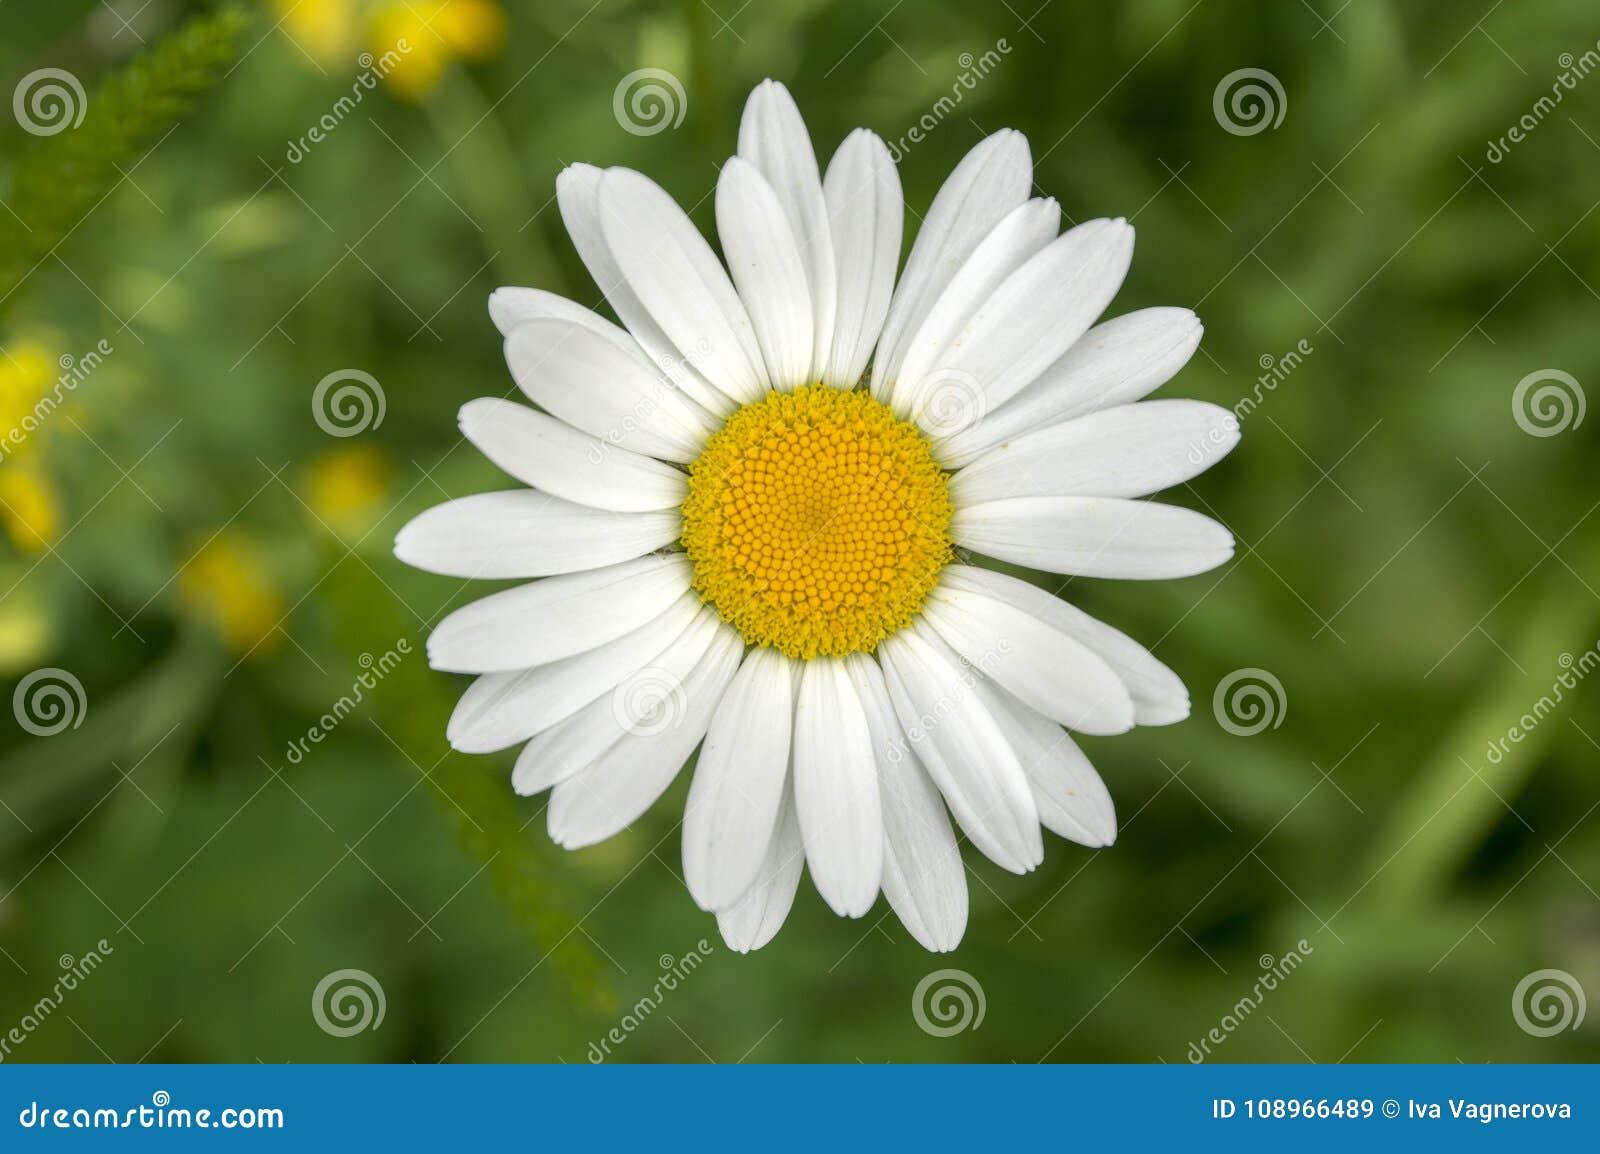 Leucanthemum vulgare łąki dzikie przerzedżą kwiatu z białymi płatkami i koloru żółtego centrum w kwiacie